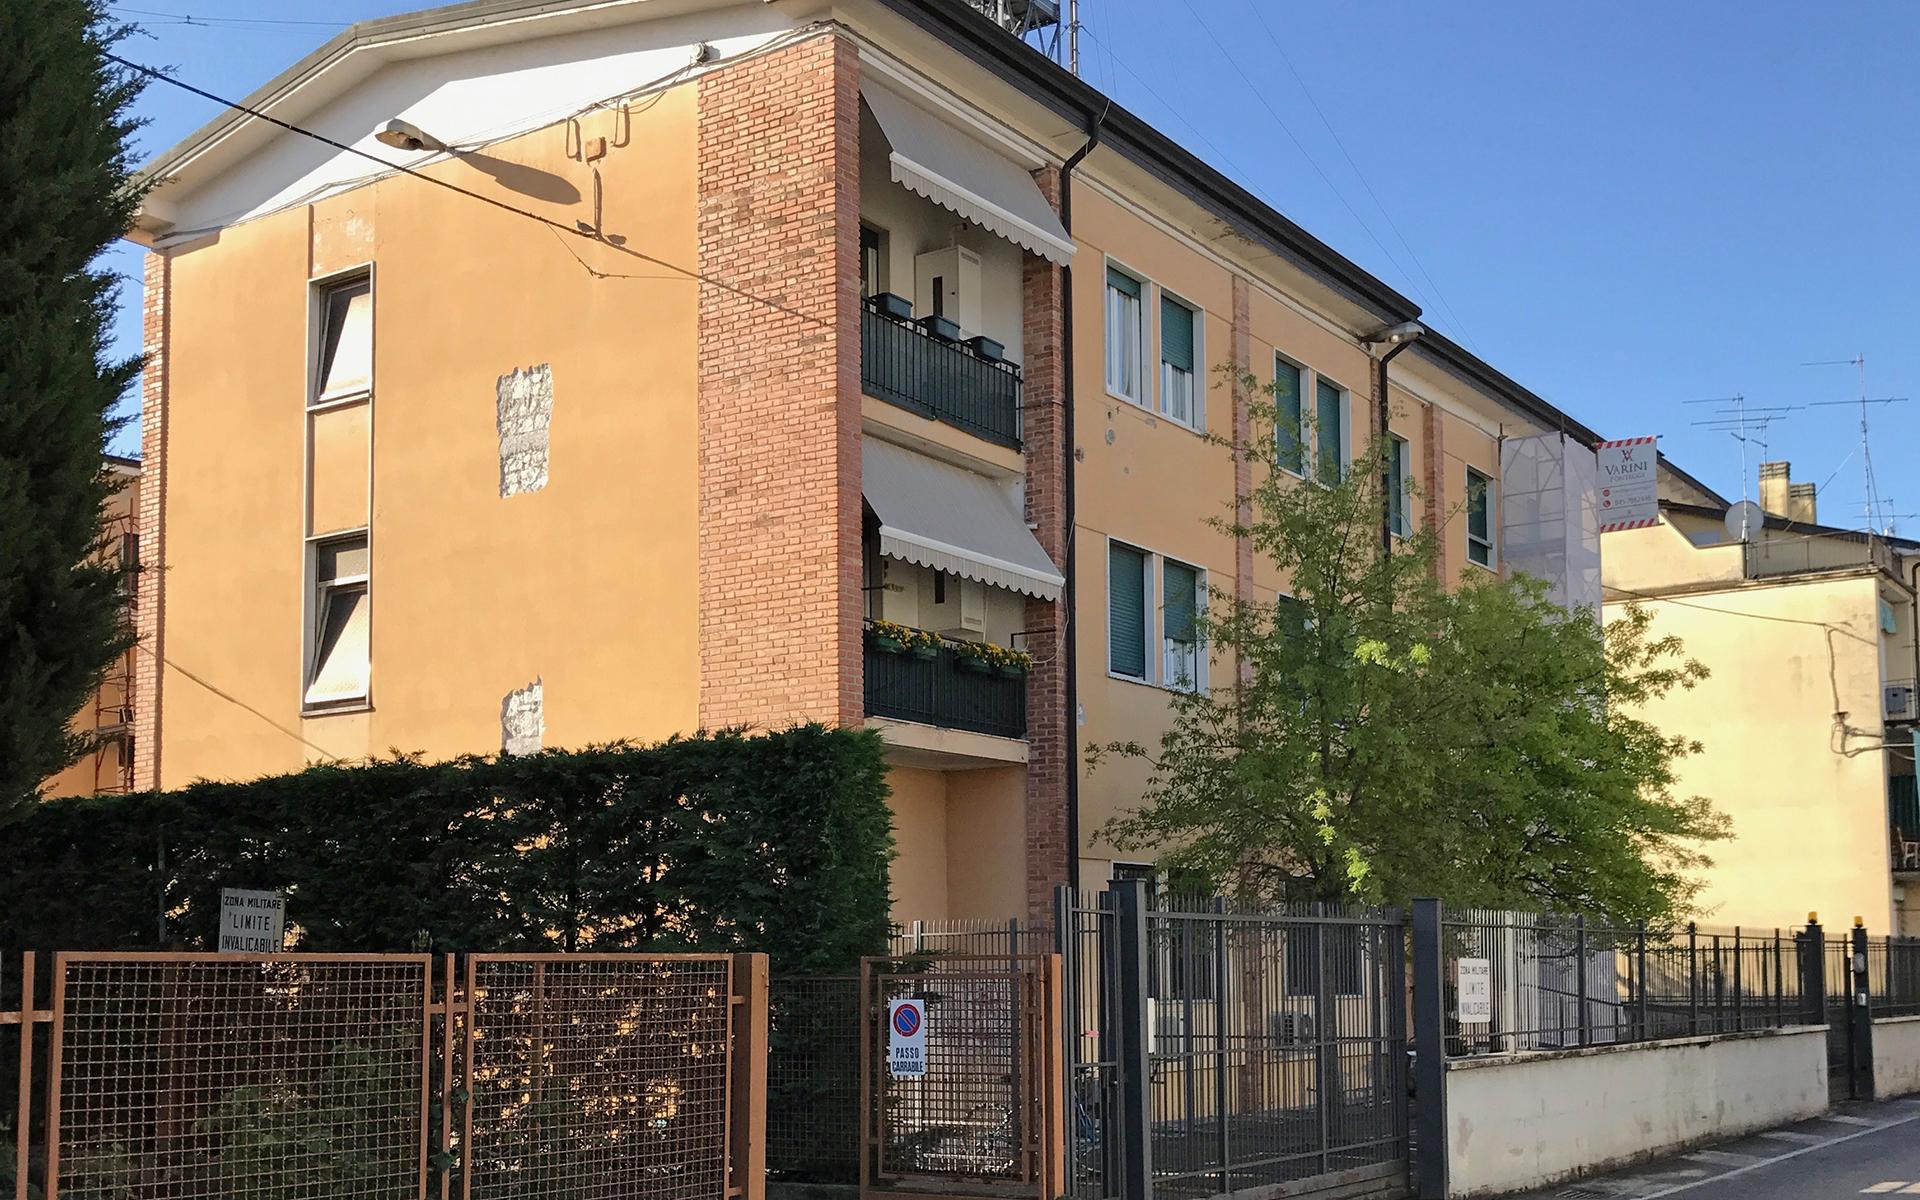 Caserma Carabinieri - Villafranca di Verona